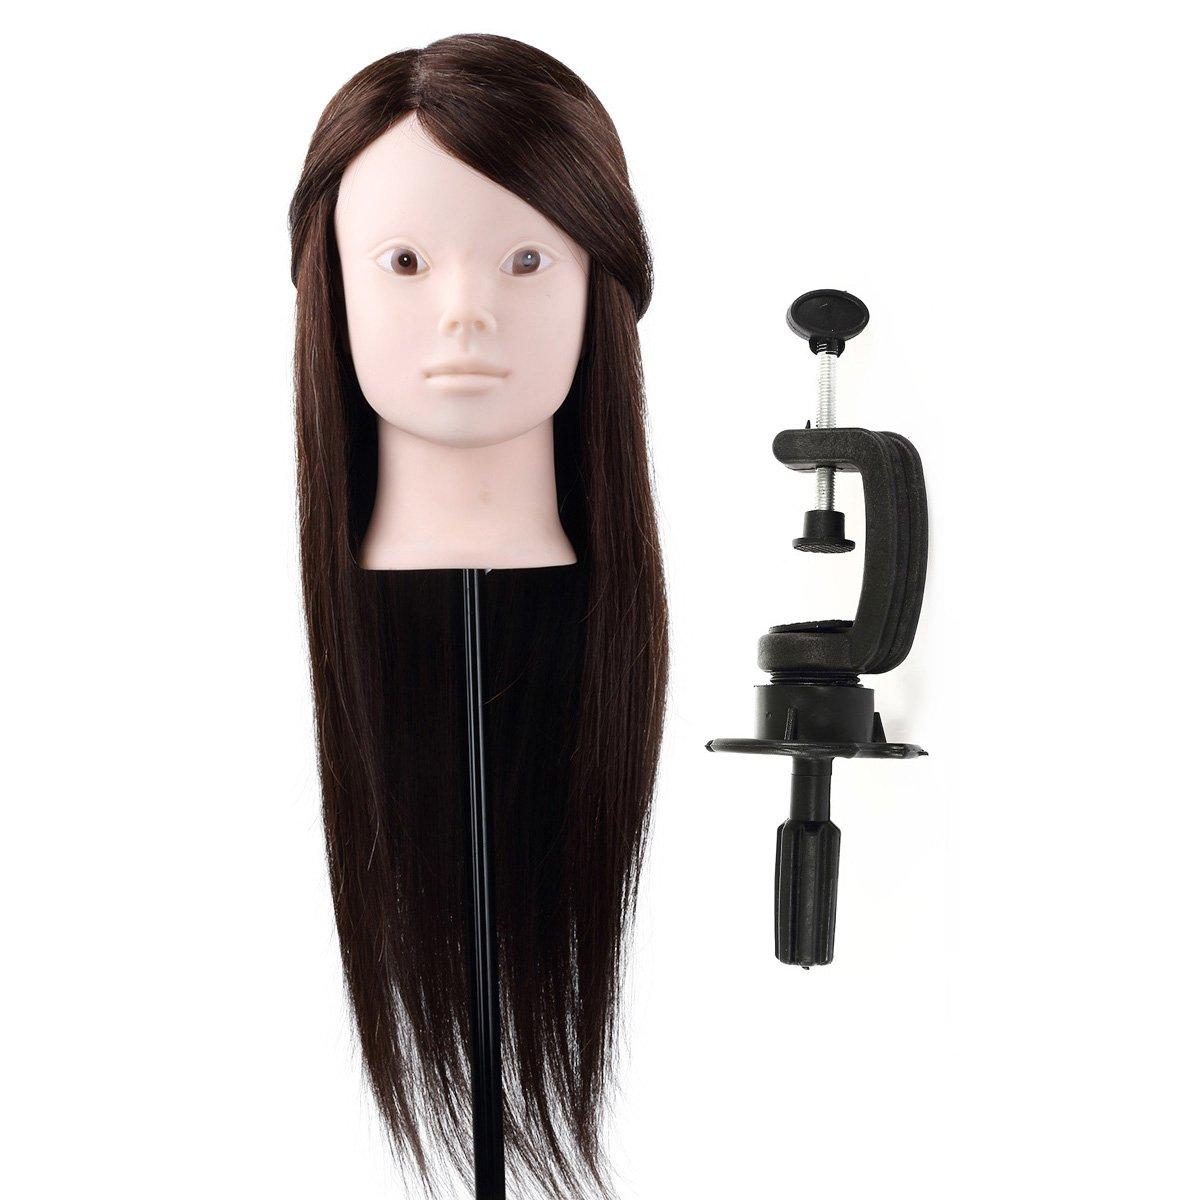 Besmall Tête à Coiffer Coiffure Professionnel 80% Cheveux Hmuains Poils De Chameau Résistante à haute température 60cm Tête d'exercice pour le Salon Coiffeur